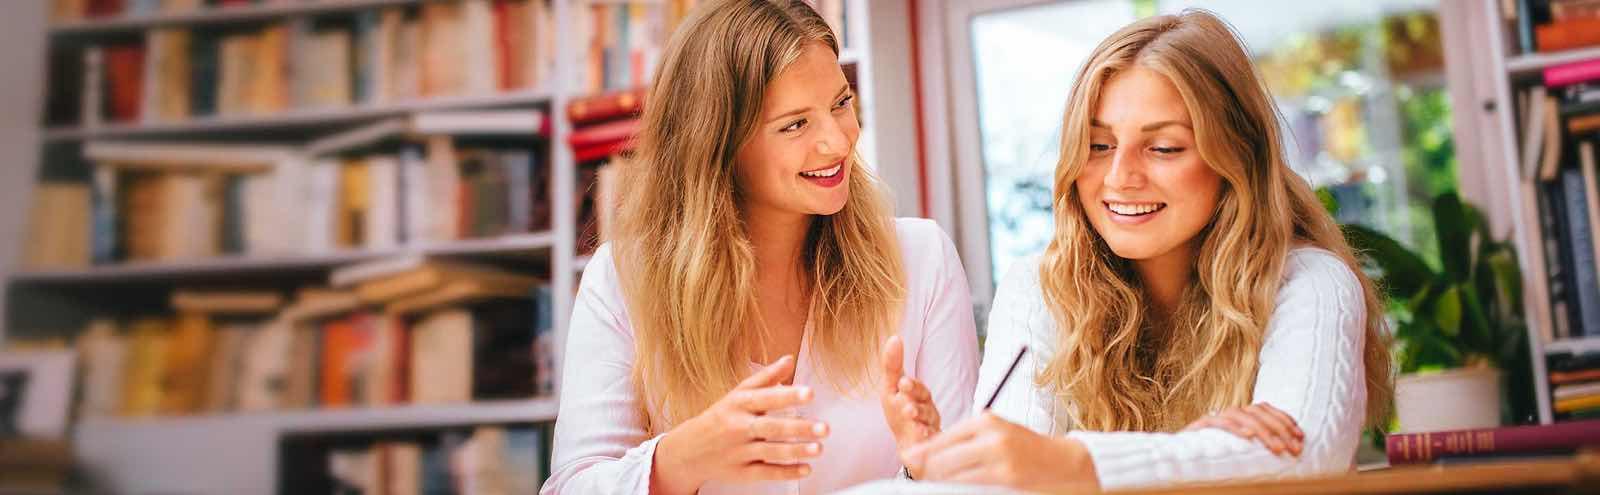 Lektion med Allakando läxhjälp, privatlärare, studiehjälp, mattehjälp, mattelärare